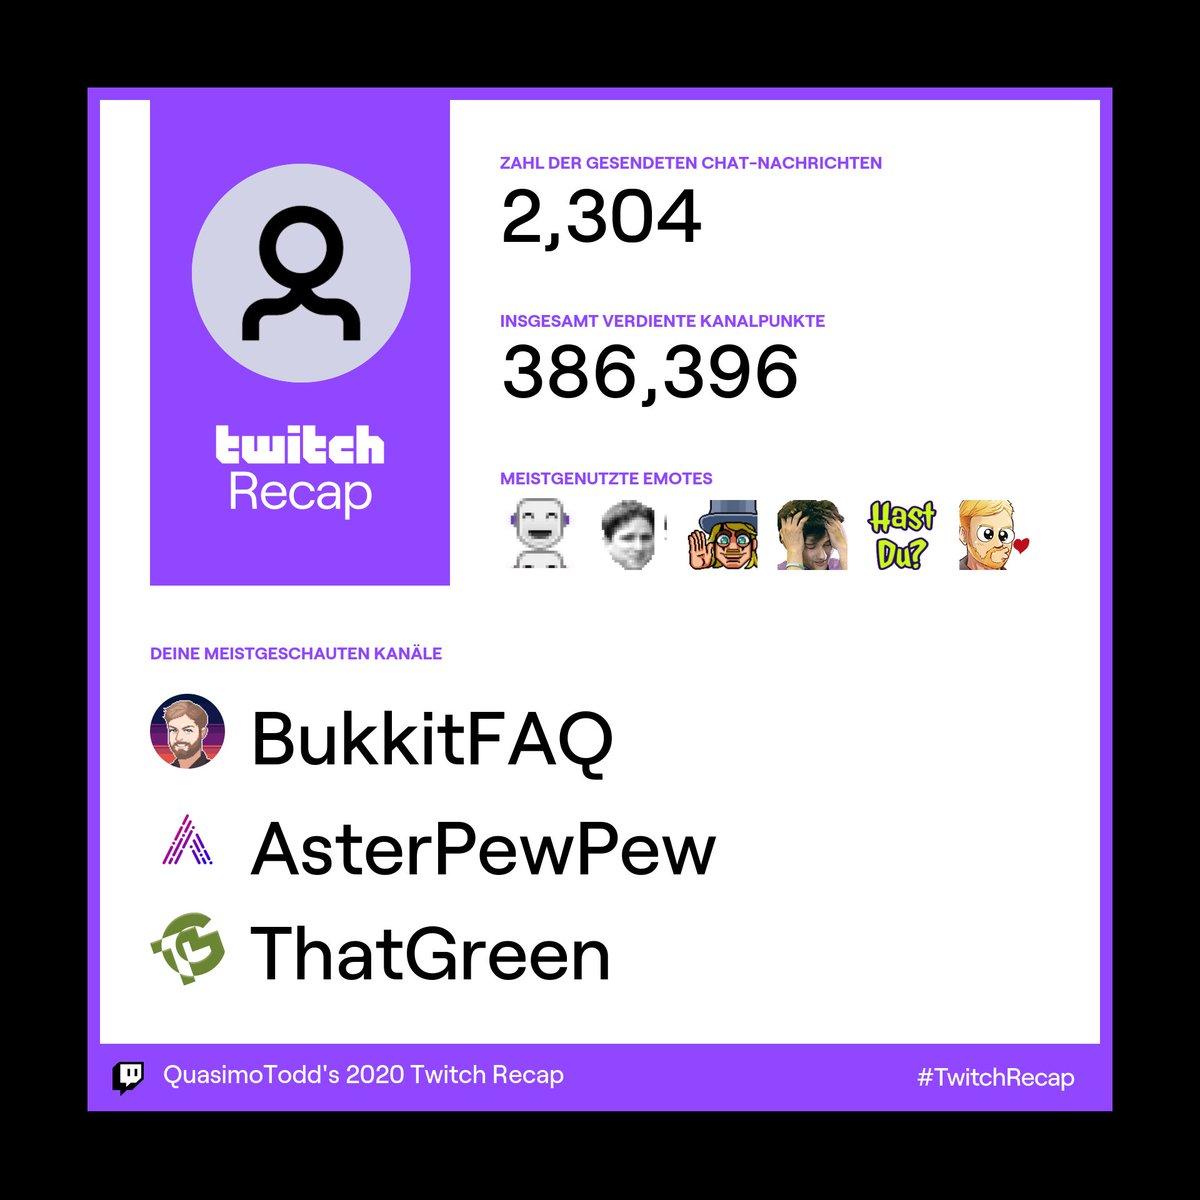 Dahingehend war das Jahr doch nicht so schlimm. @BukkitFAQ @aster_pew @green_lul #TwitchRecap